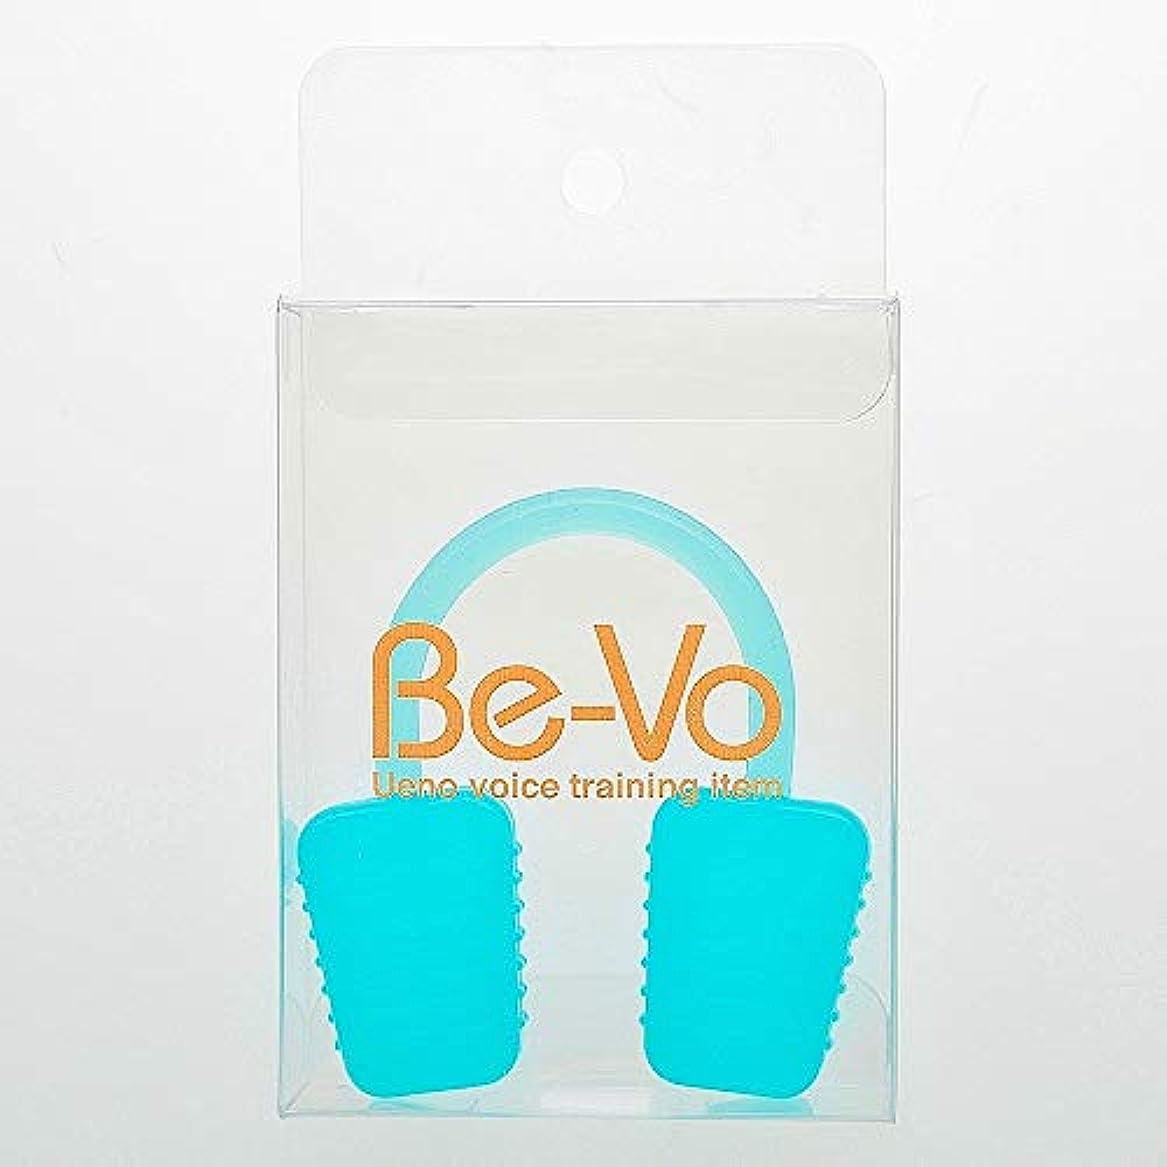 フォームファイル保険Be-Vo (ビーボ) ボイストレーニング器具 自宅で簡単ボイトレグッズ (ブルー)